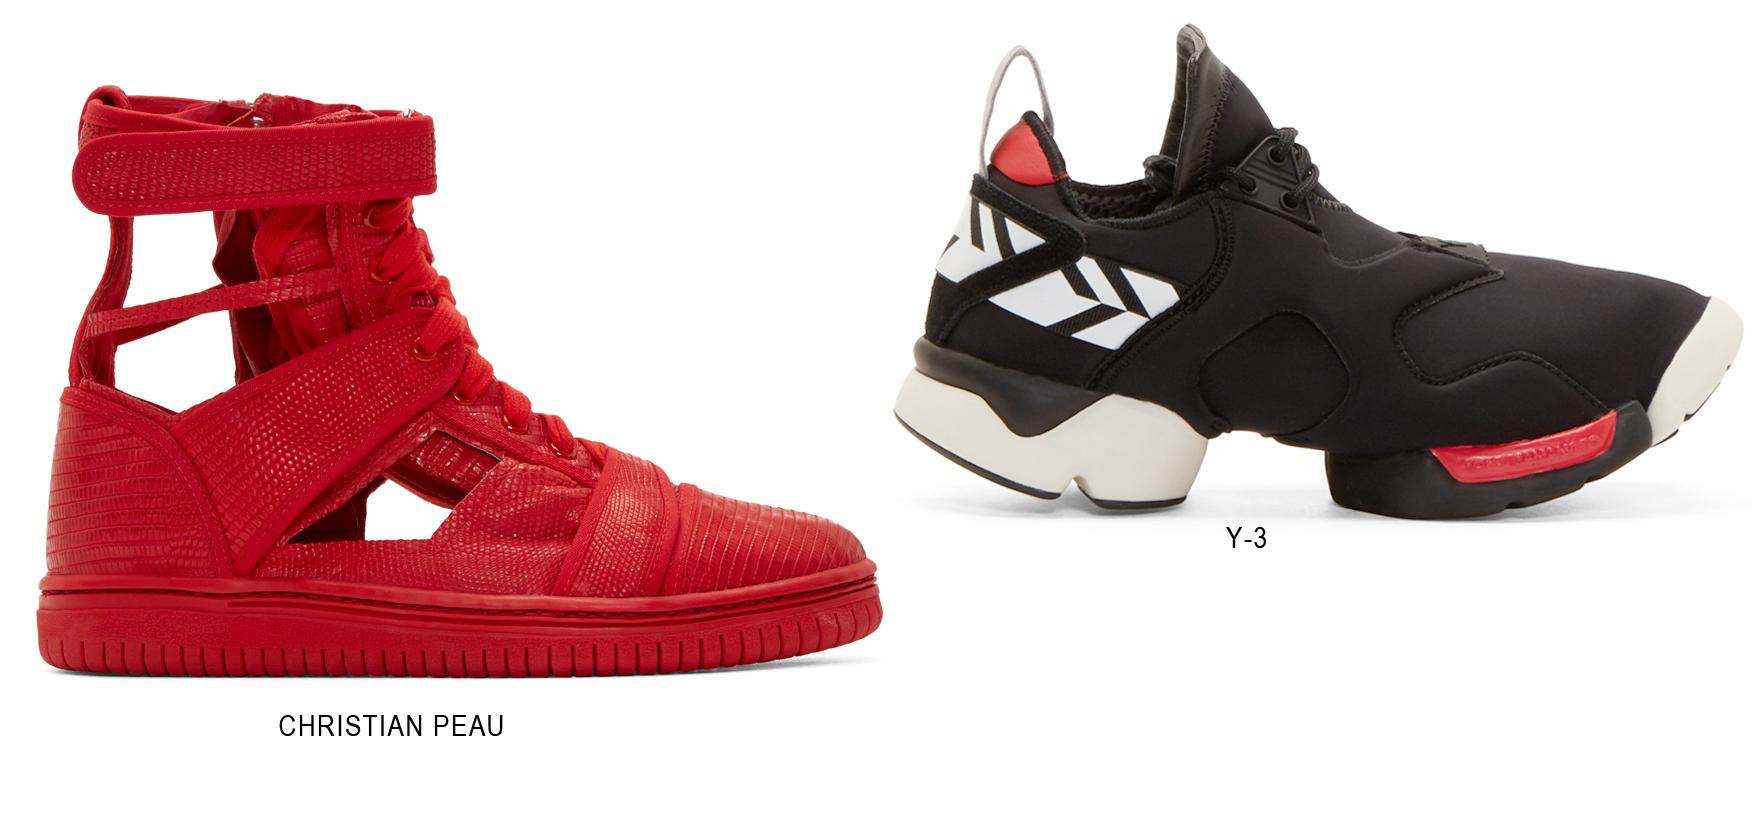 christian-peau-y3-sneakers